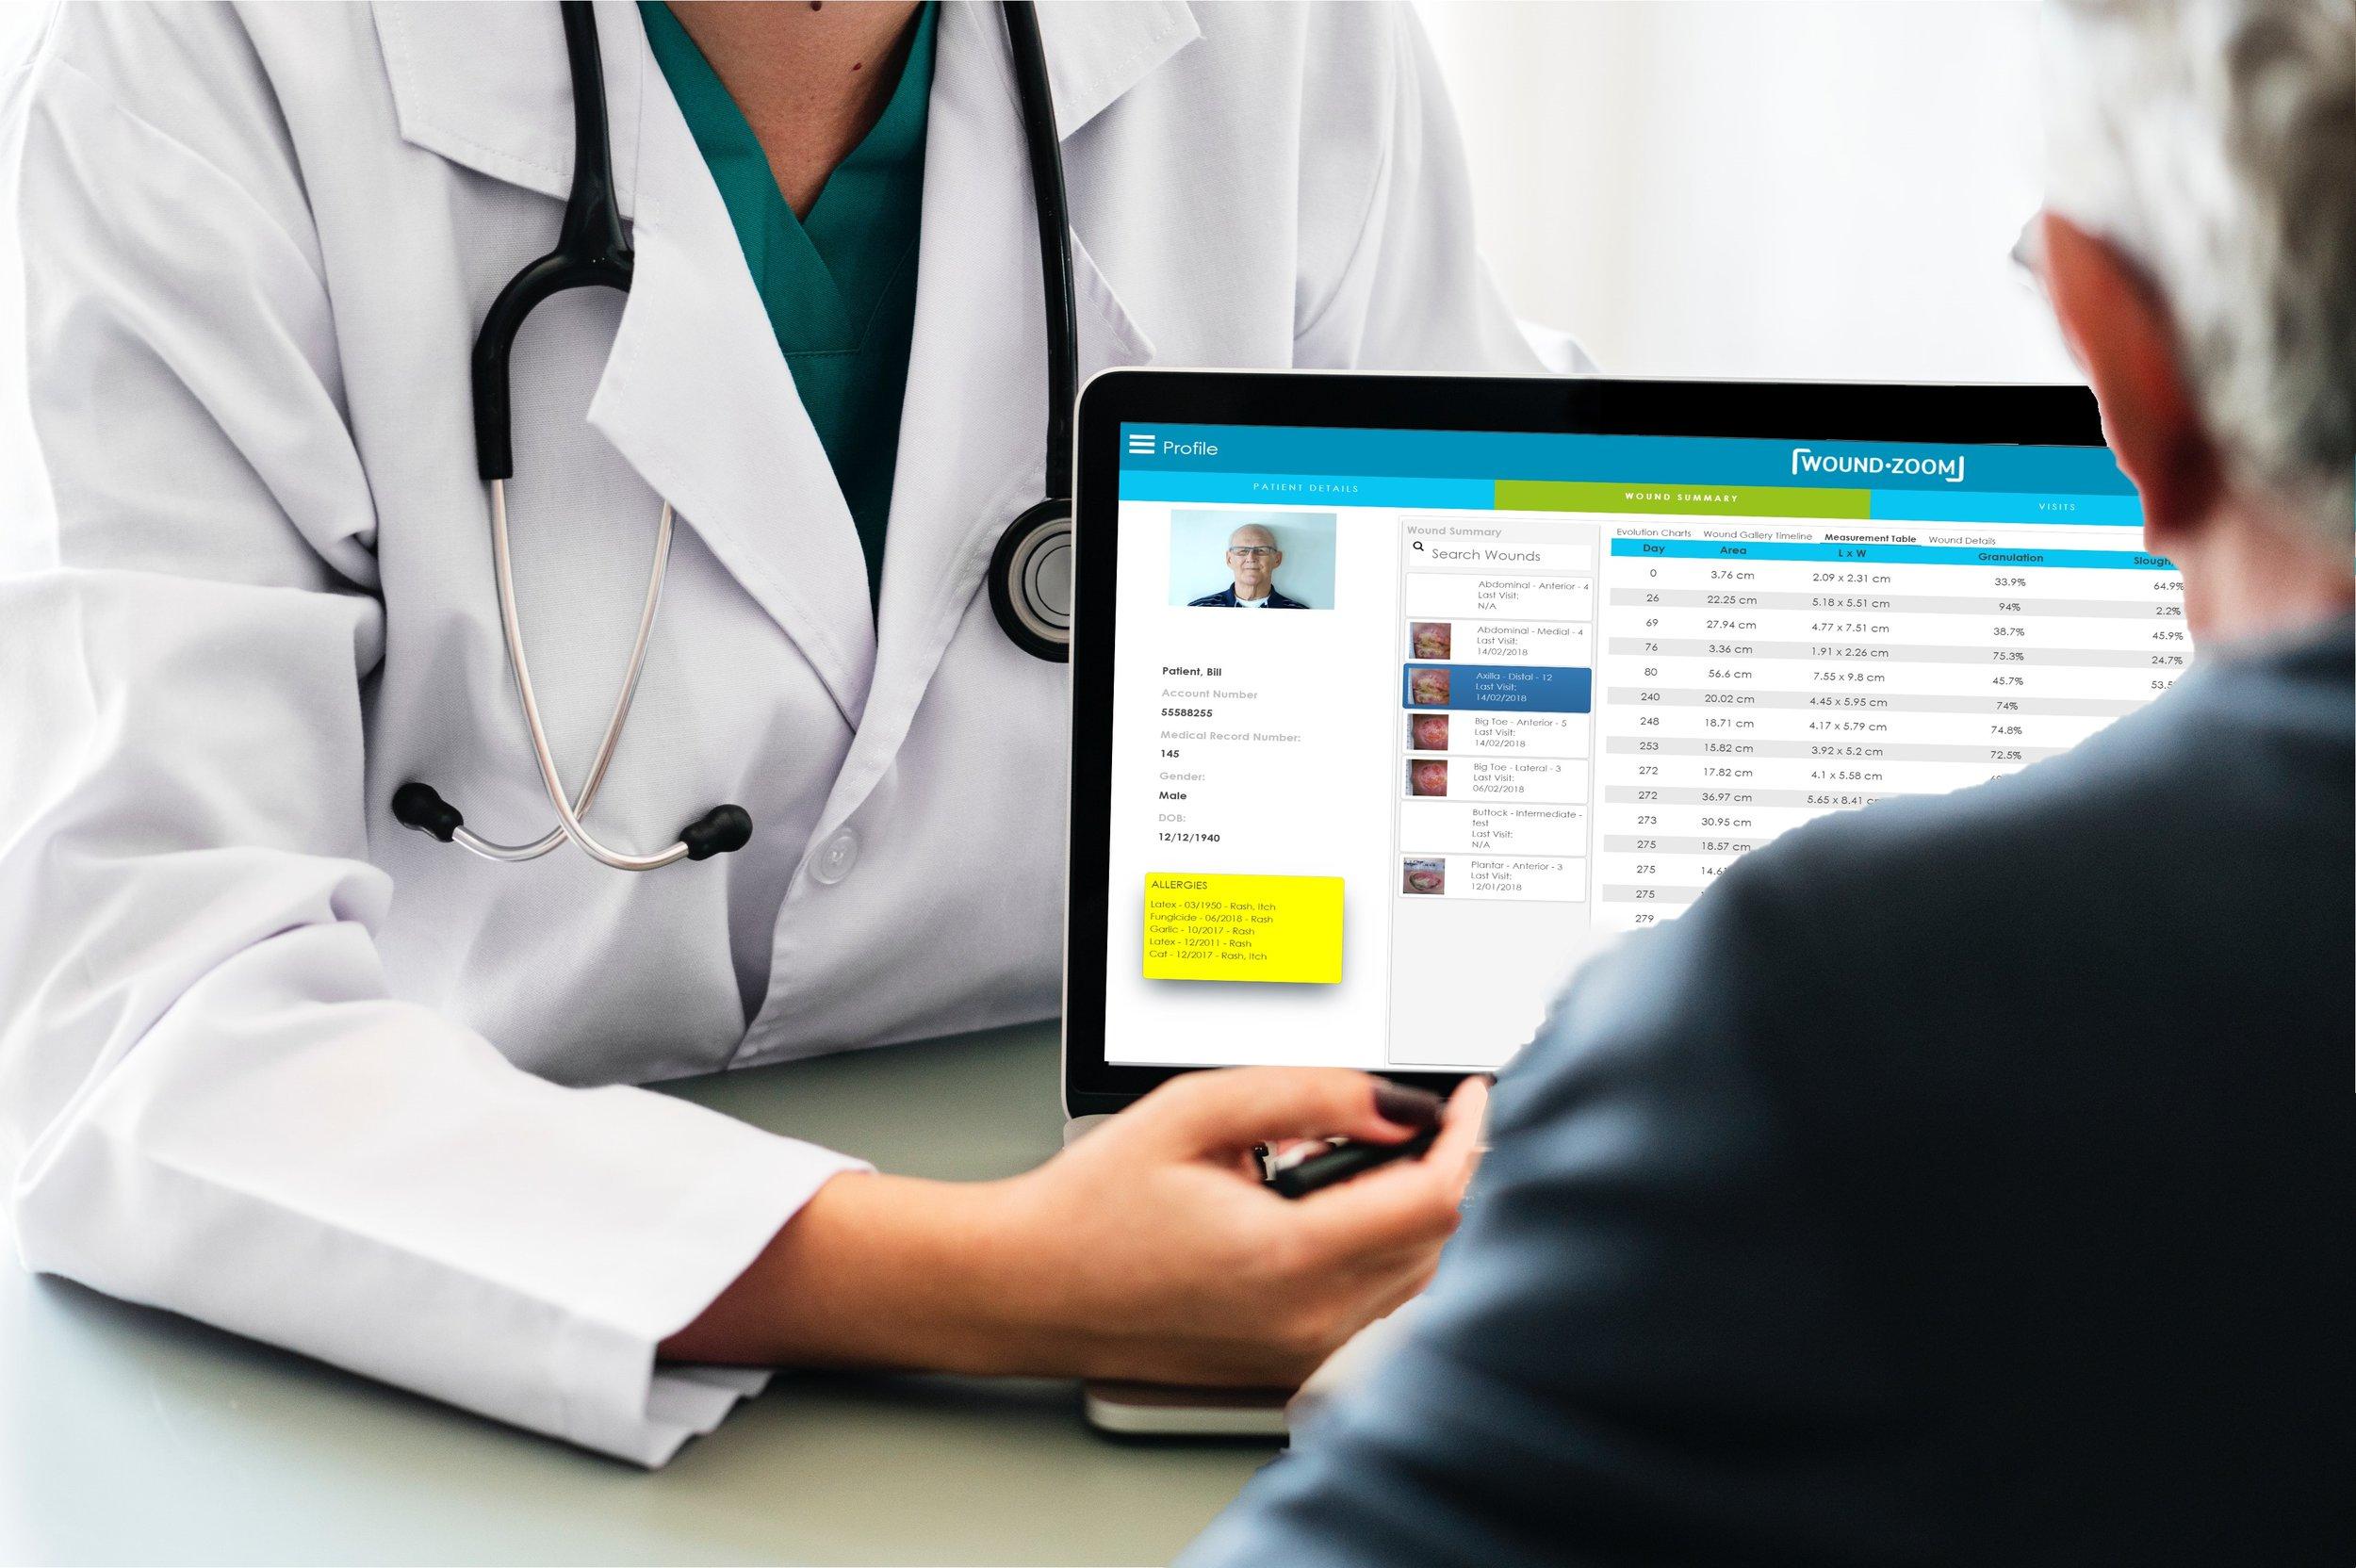 Wound Management EMR System Assessment